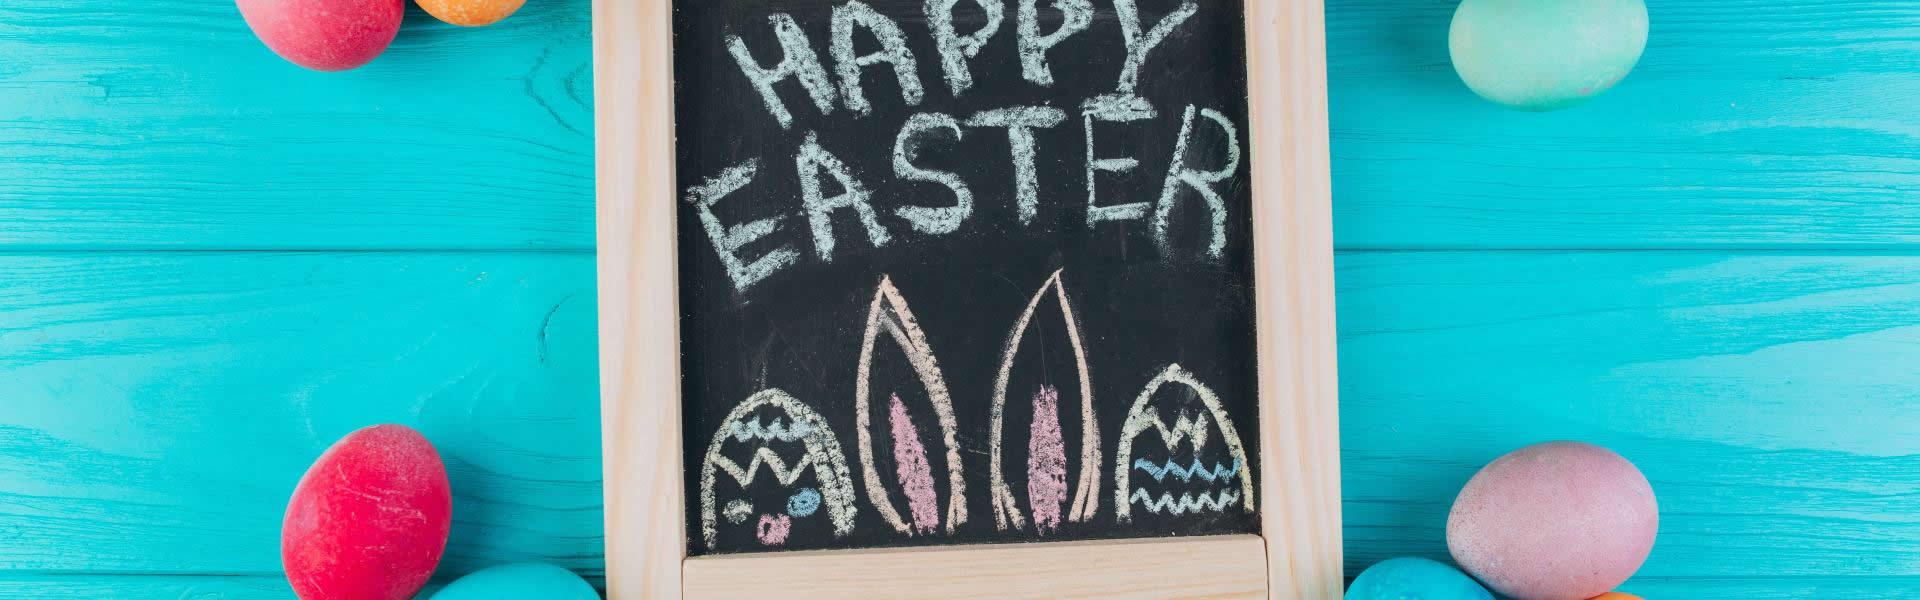 Cosa è la Pasqua e quando si festeggia